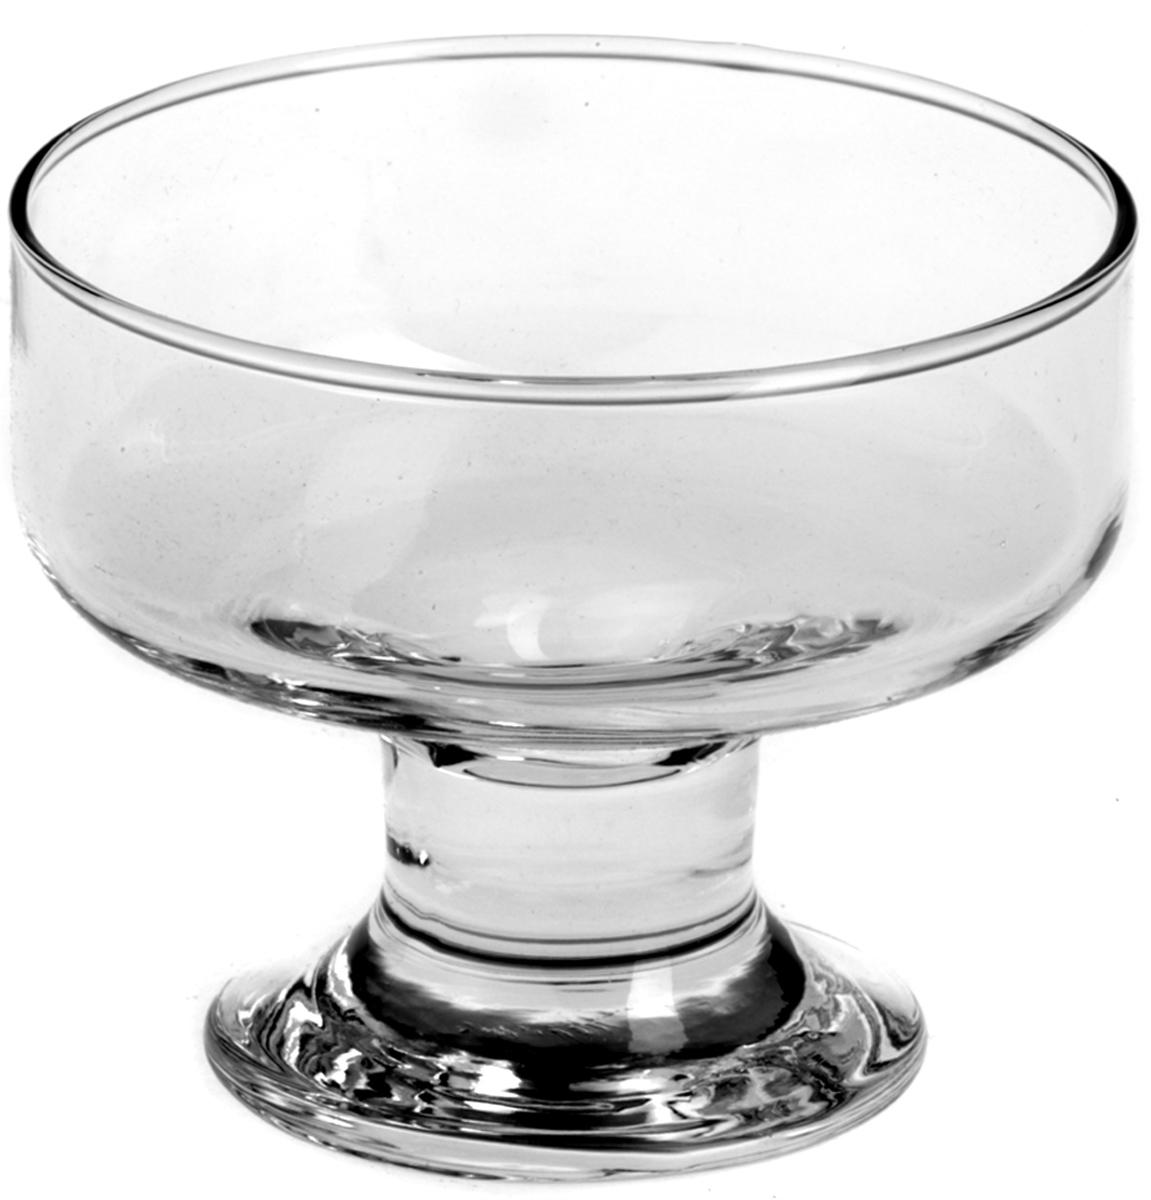 """Креманка Pasabahce """"Ice Ville"""" изготовлена из непористого стекла. Благодаря высокому уровню применяемых технологий изделие может использоваться на протяжении многих лет, не утрачивая эстетической привлекательности и оставаясь функциональными и современными. Высота: 90 мм. Объем: 310 мл."""